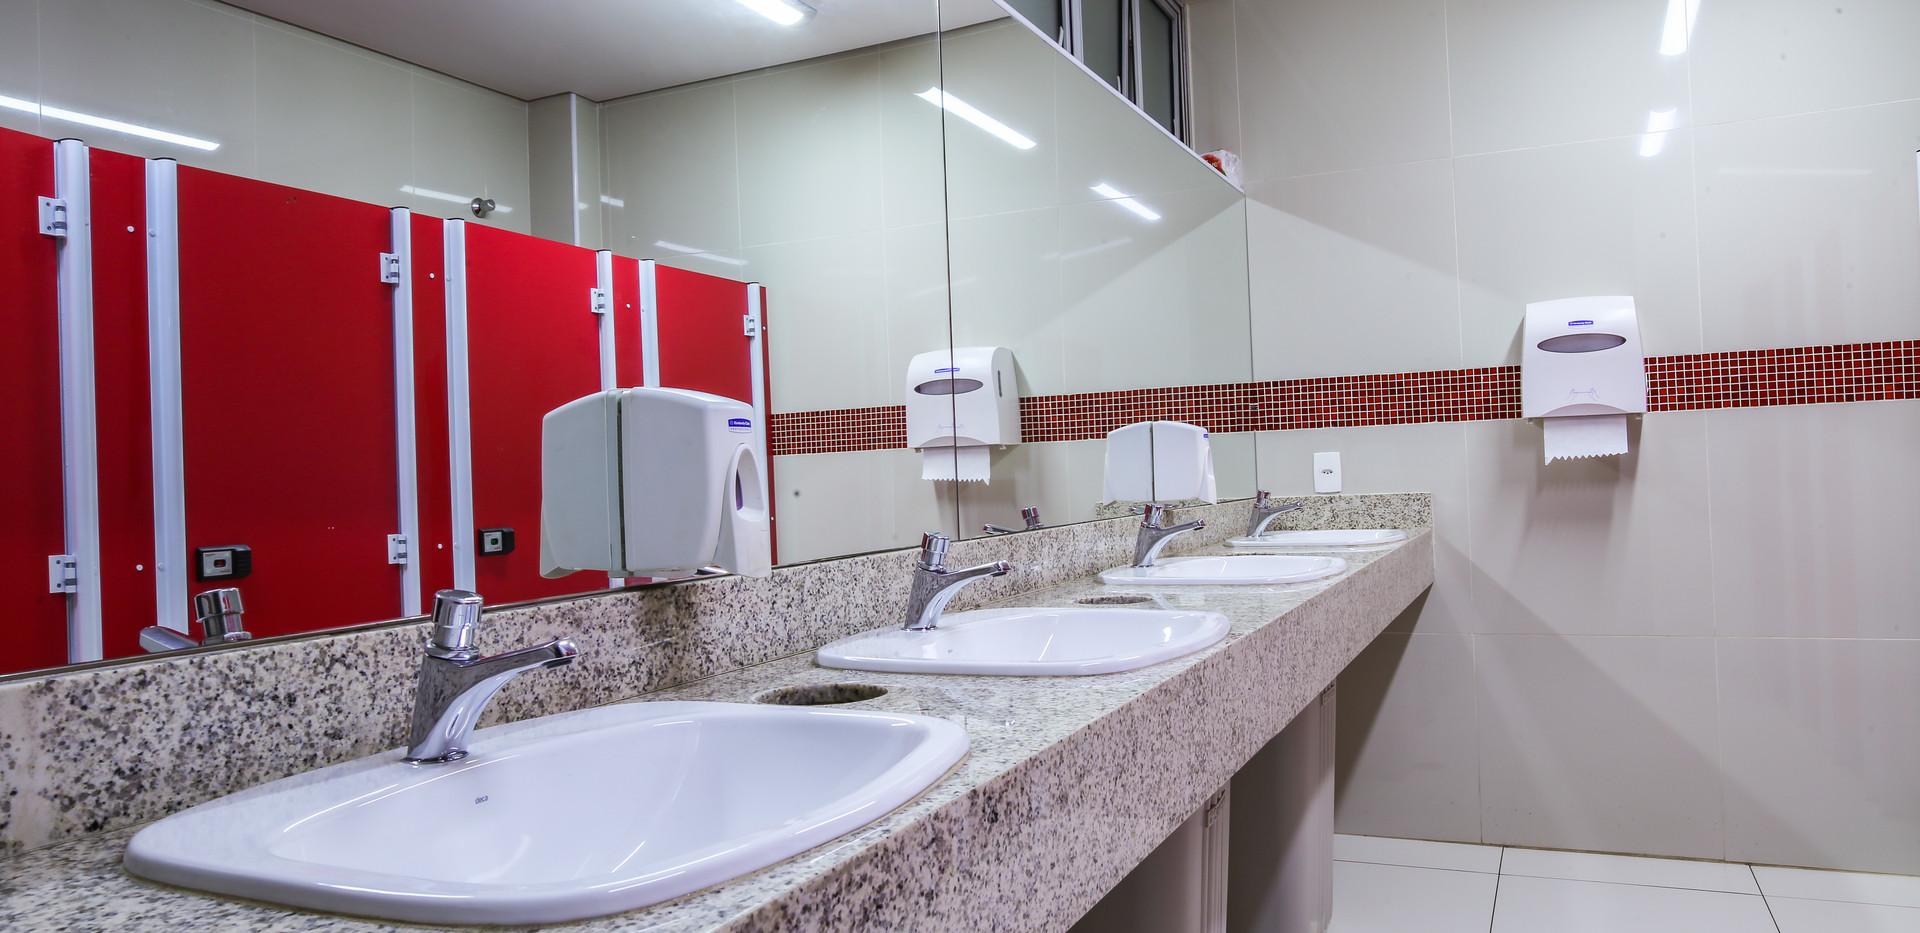 Graded School - Reforma dos Banheiros